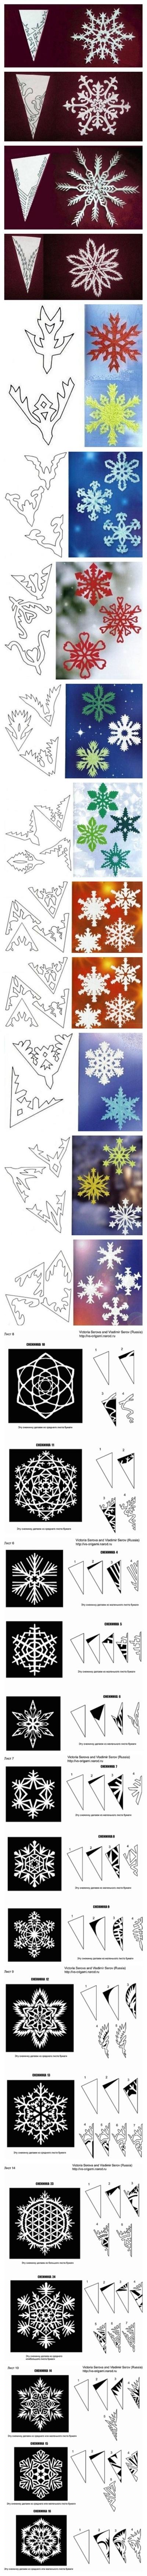 cristalli di neve con la carta